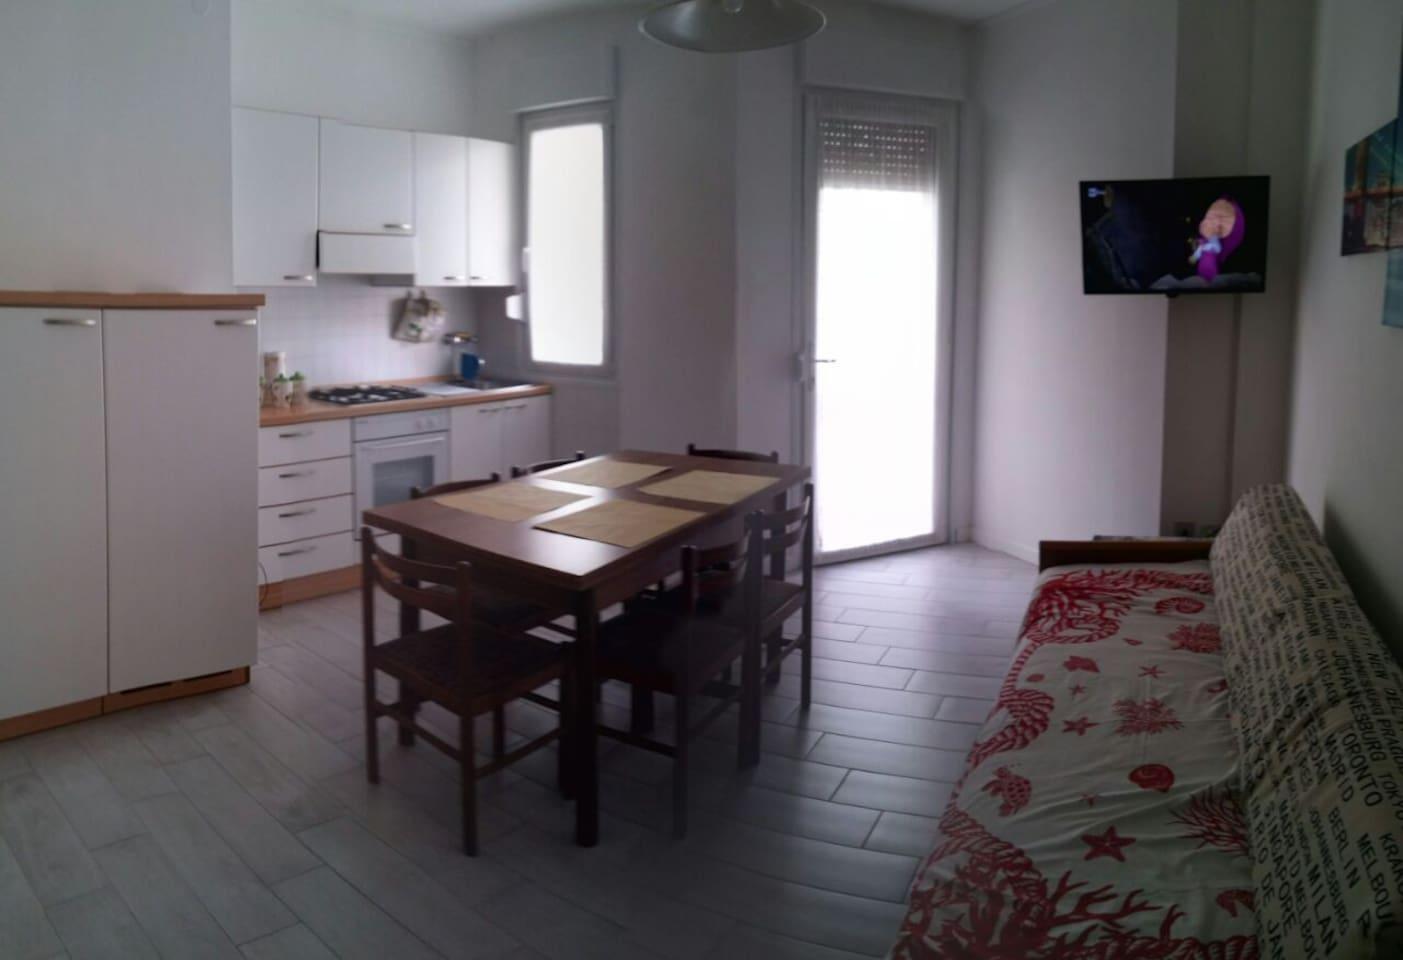 Appartamento Giove - Wohnungen zur Miete in Bibione, Venetien, Italien